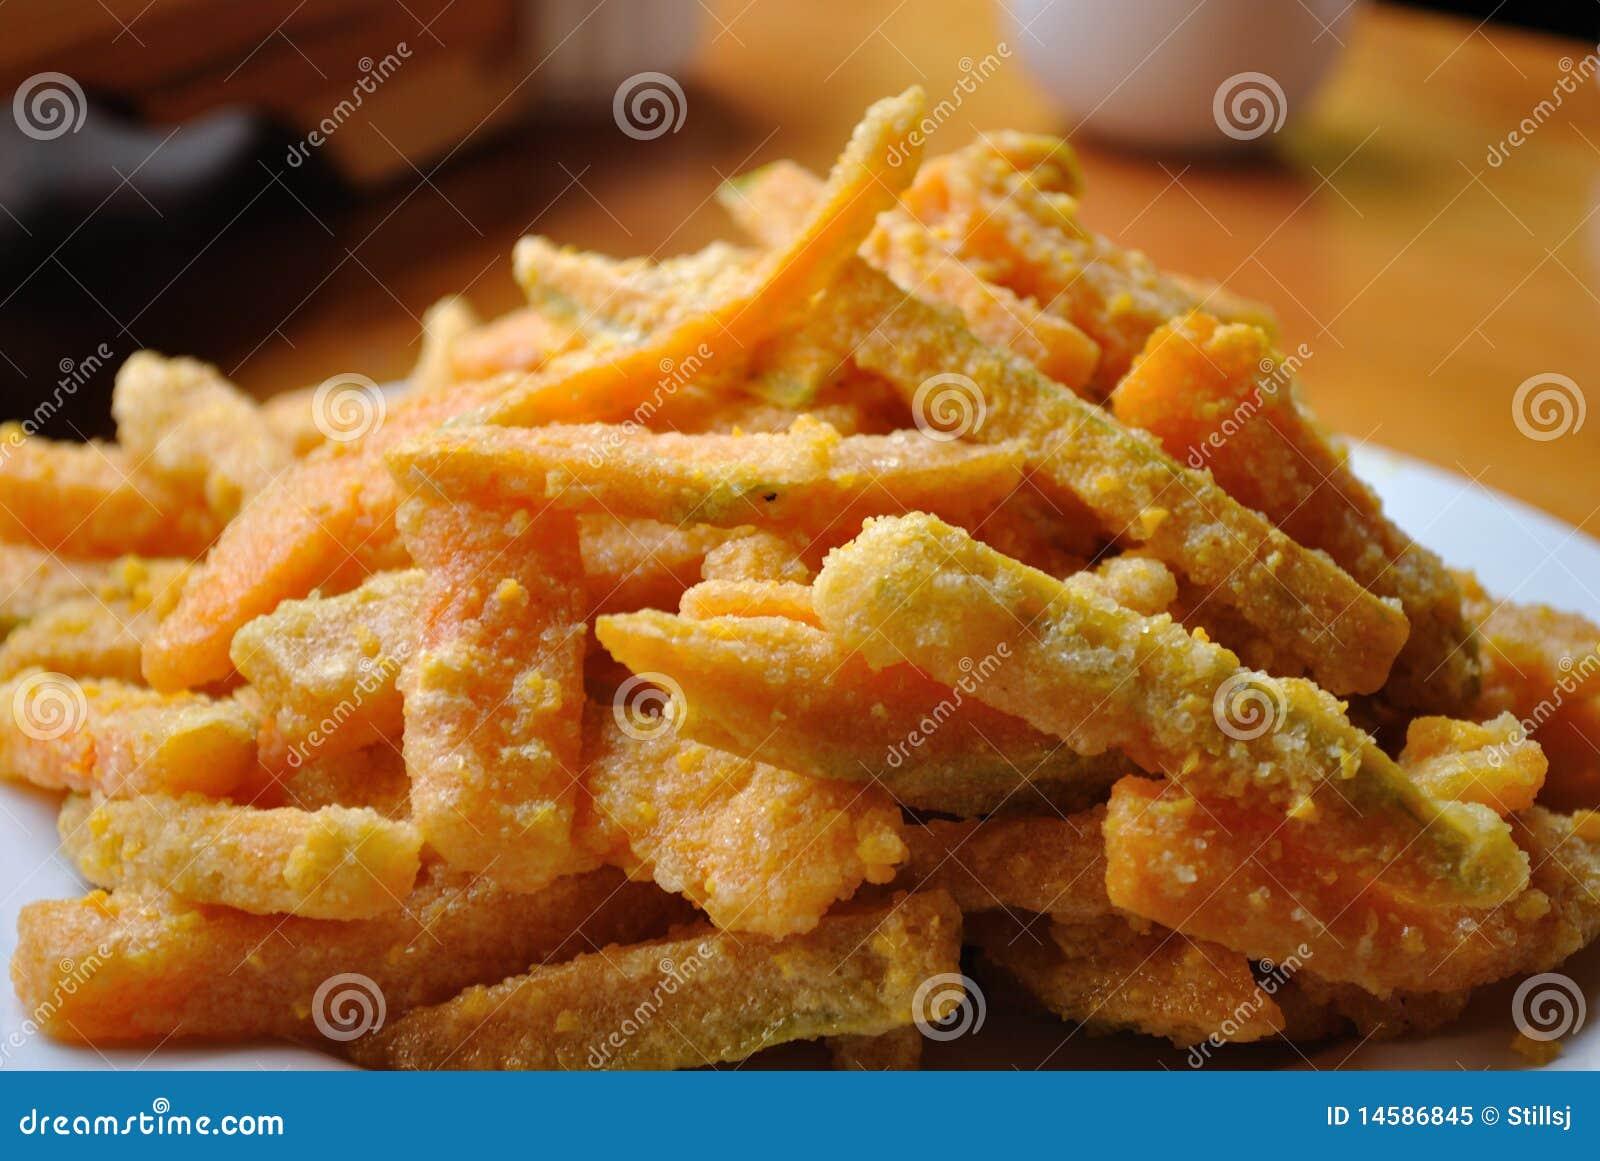 Abóbora fritada com a sobremesa salgada do yolk de ovo